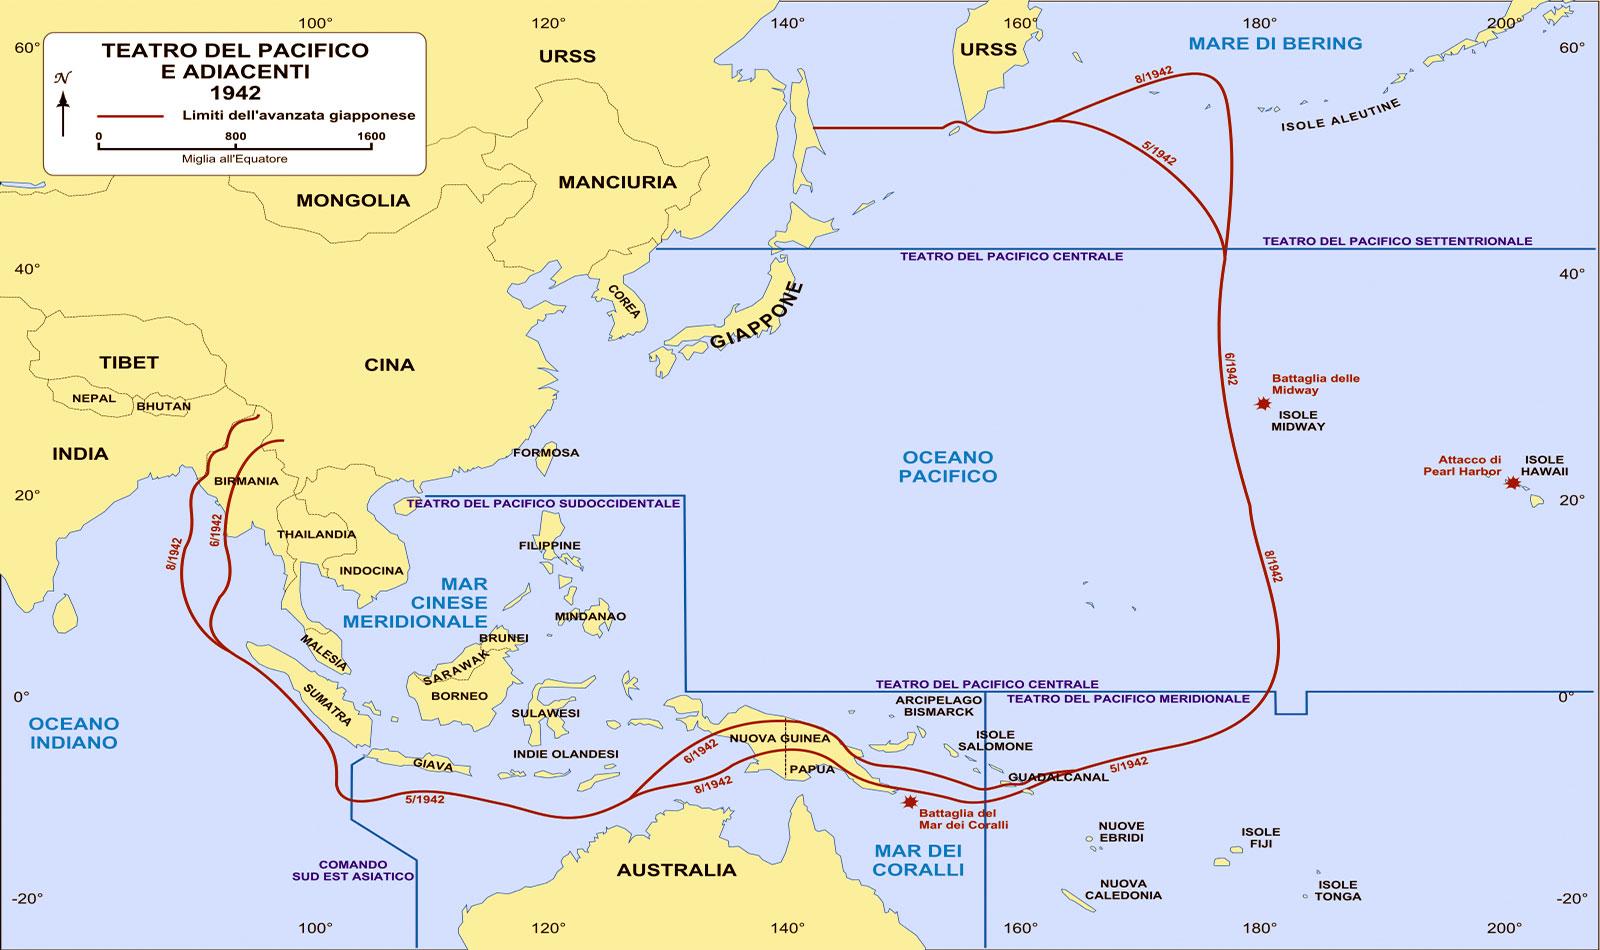 Cartina geografica del teatro del Pacifico - 1942 - con la posizione di Guadalcanal